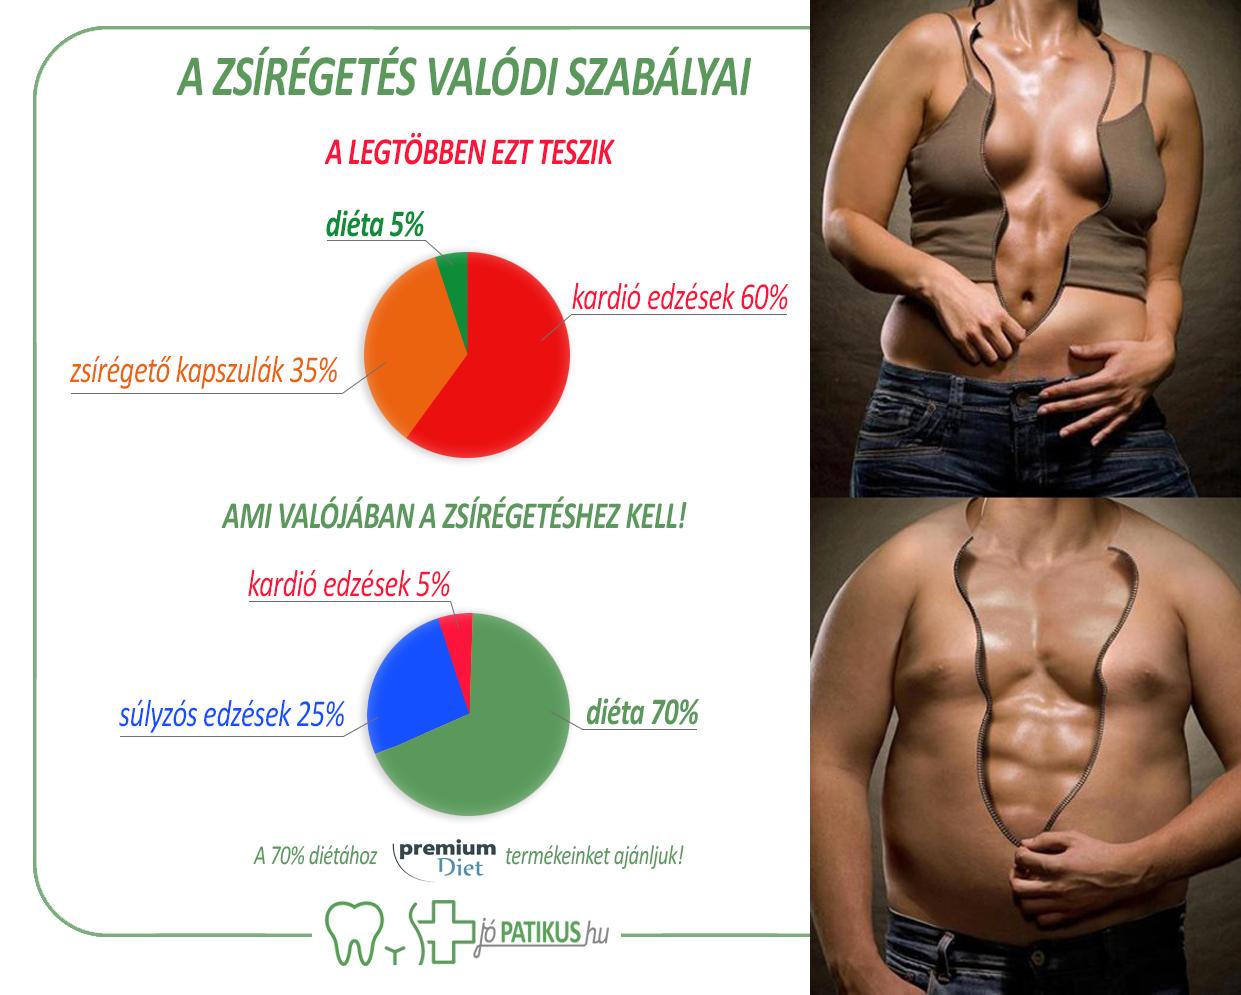 Fogyás és zsírégetés: Olcsó eszközök otthoni edzésre